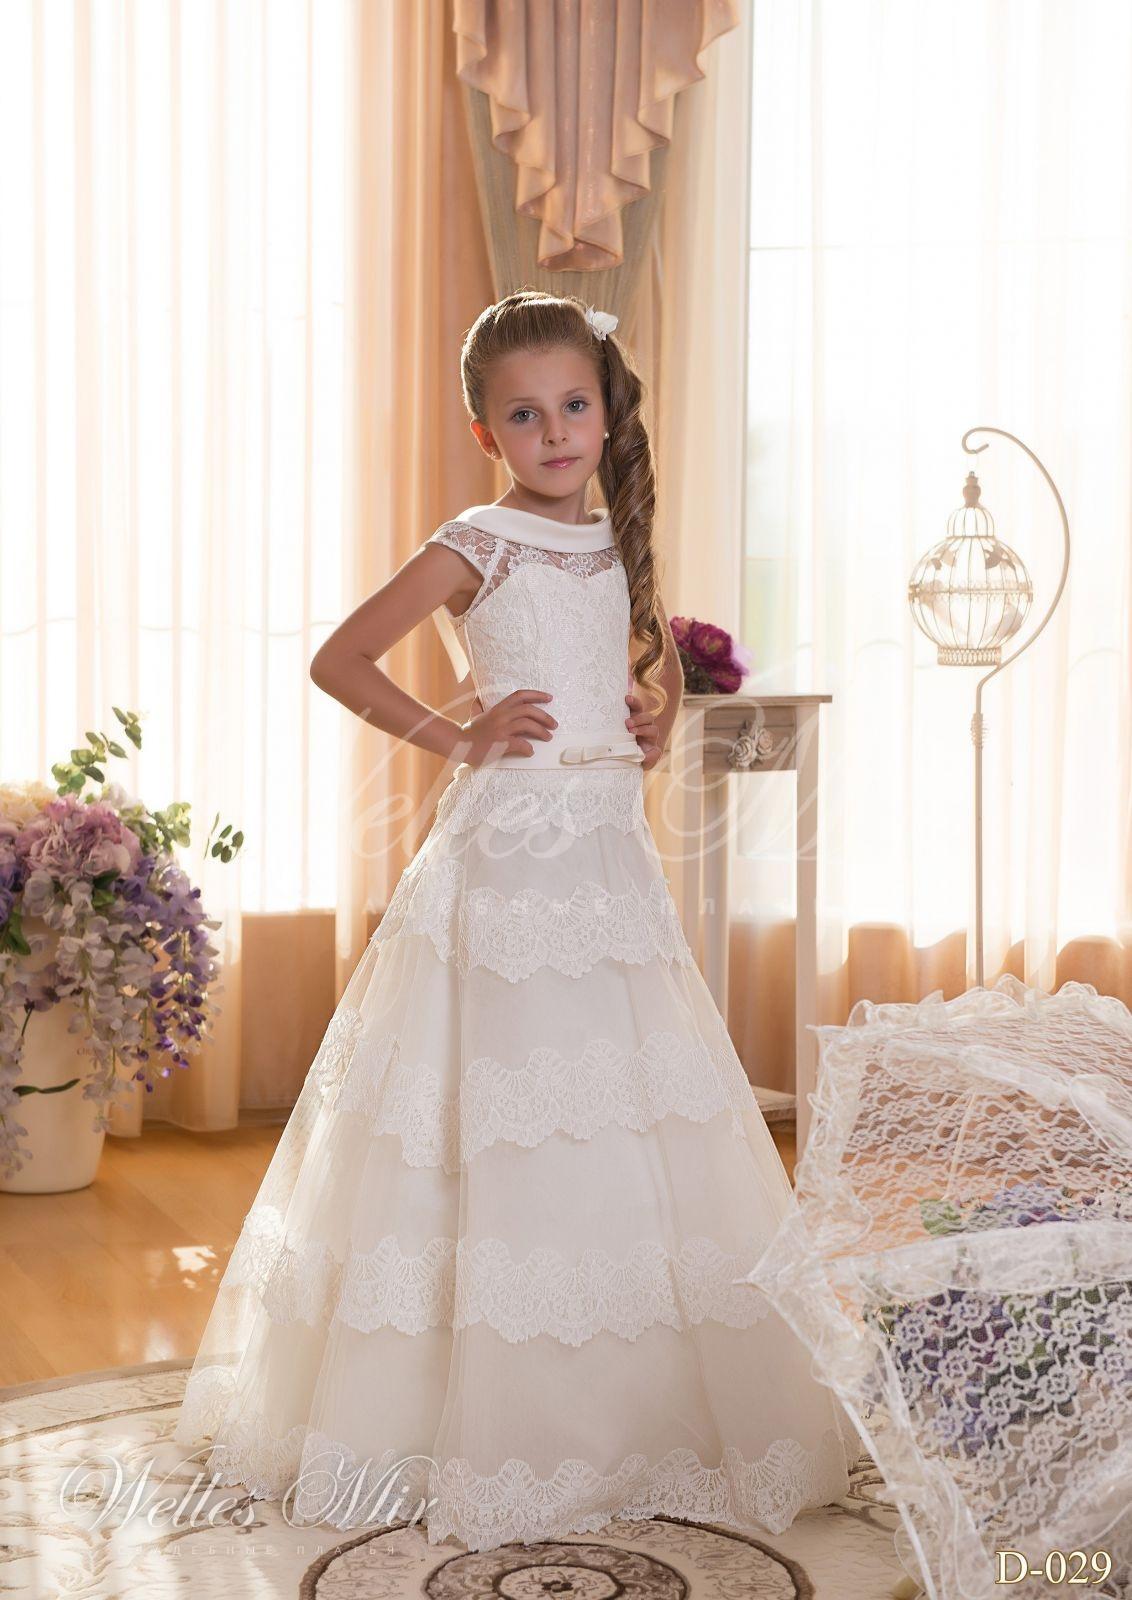 Детские платья Детские платья 2015 - D-029